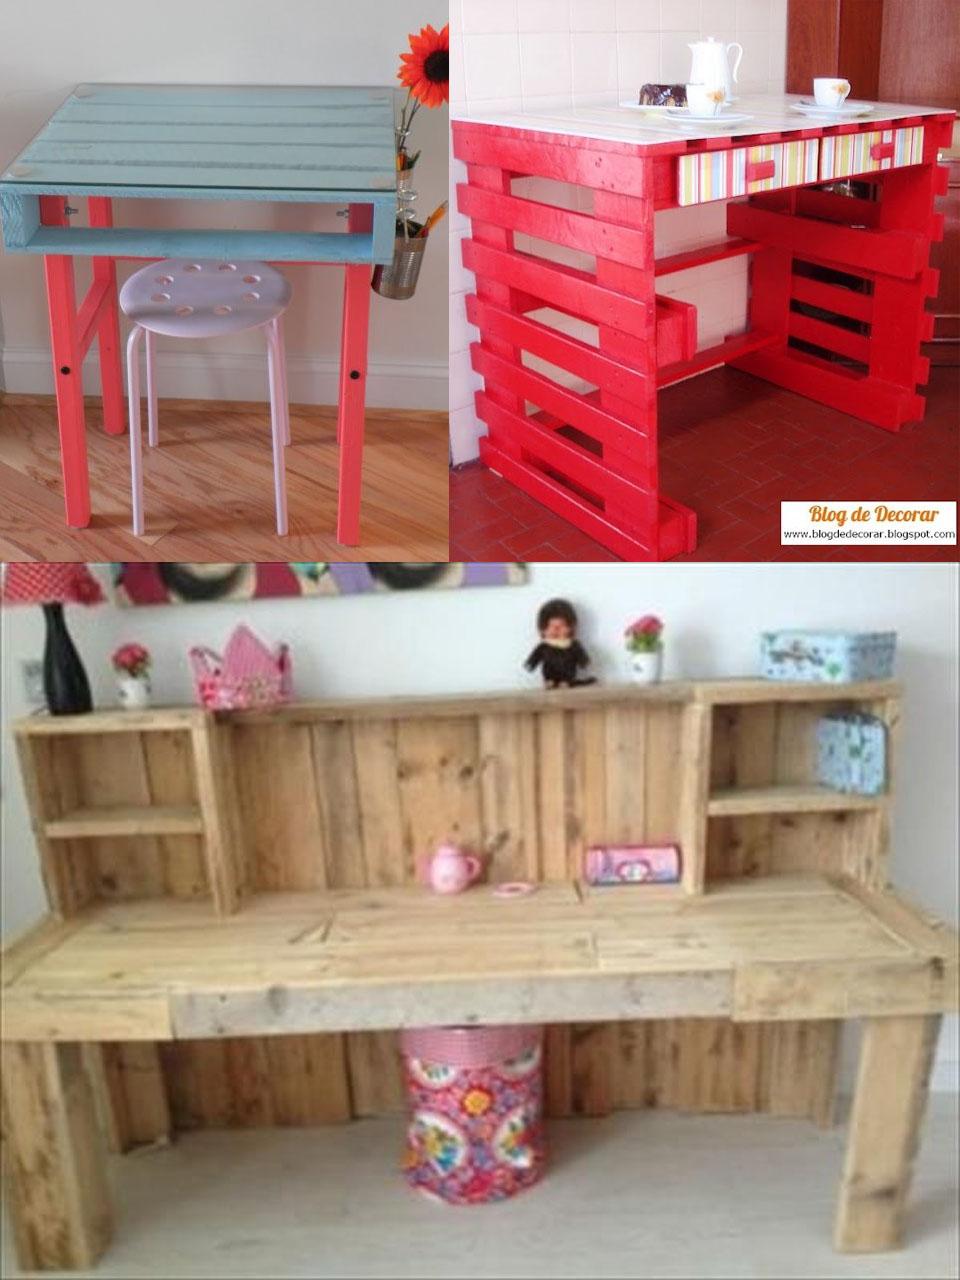 Palet de madera decoracion valla de palet with palet de - Palet de madera decoracion ...